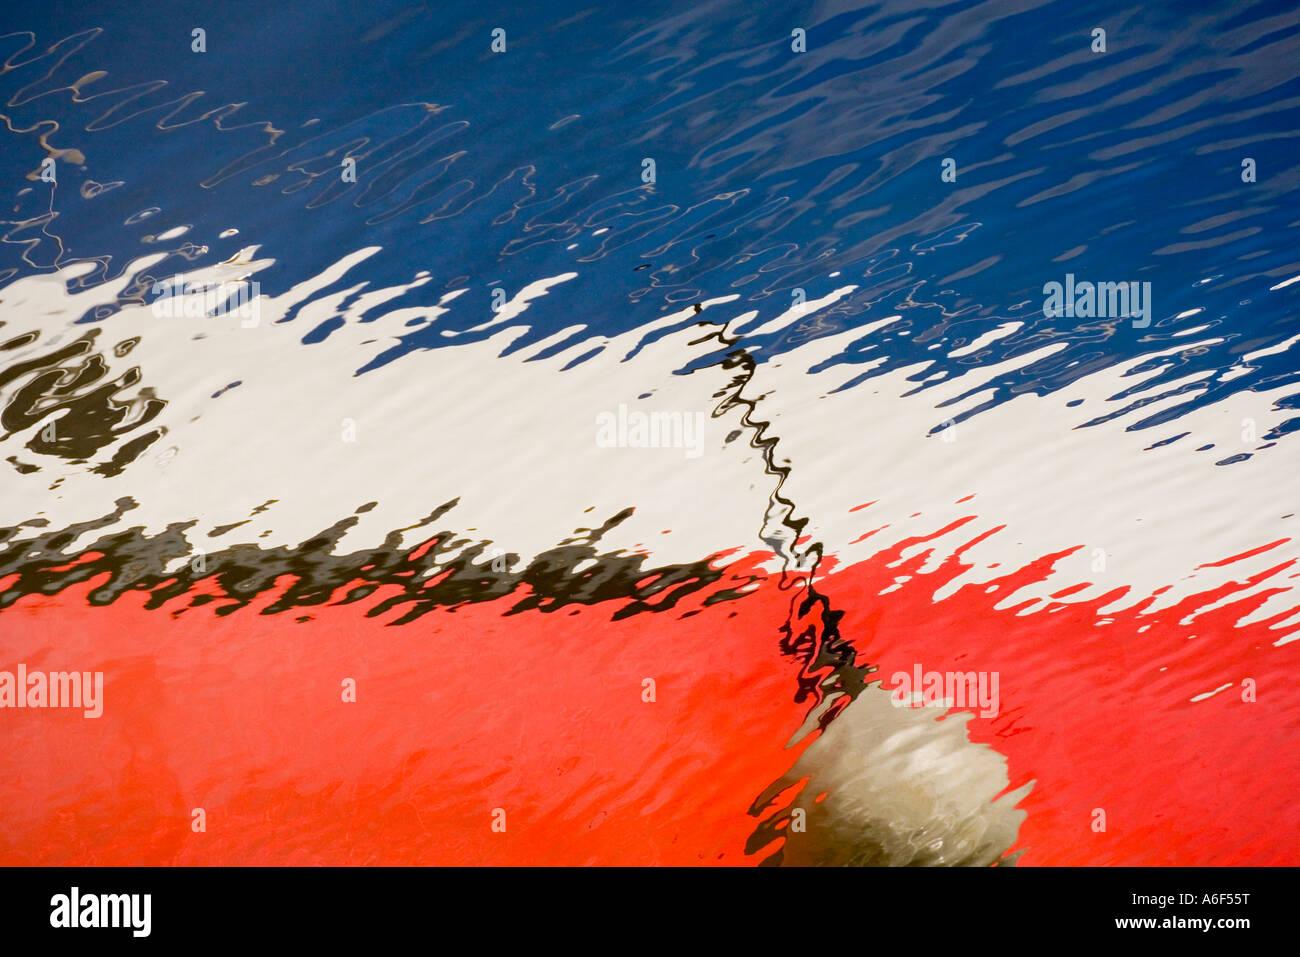 Reflexión abstracta de un barco Imagen De Stock